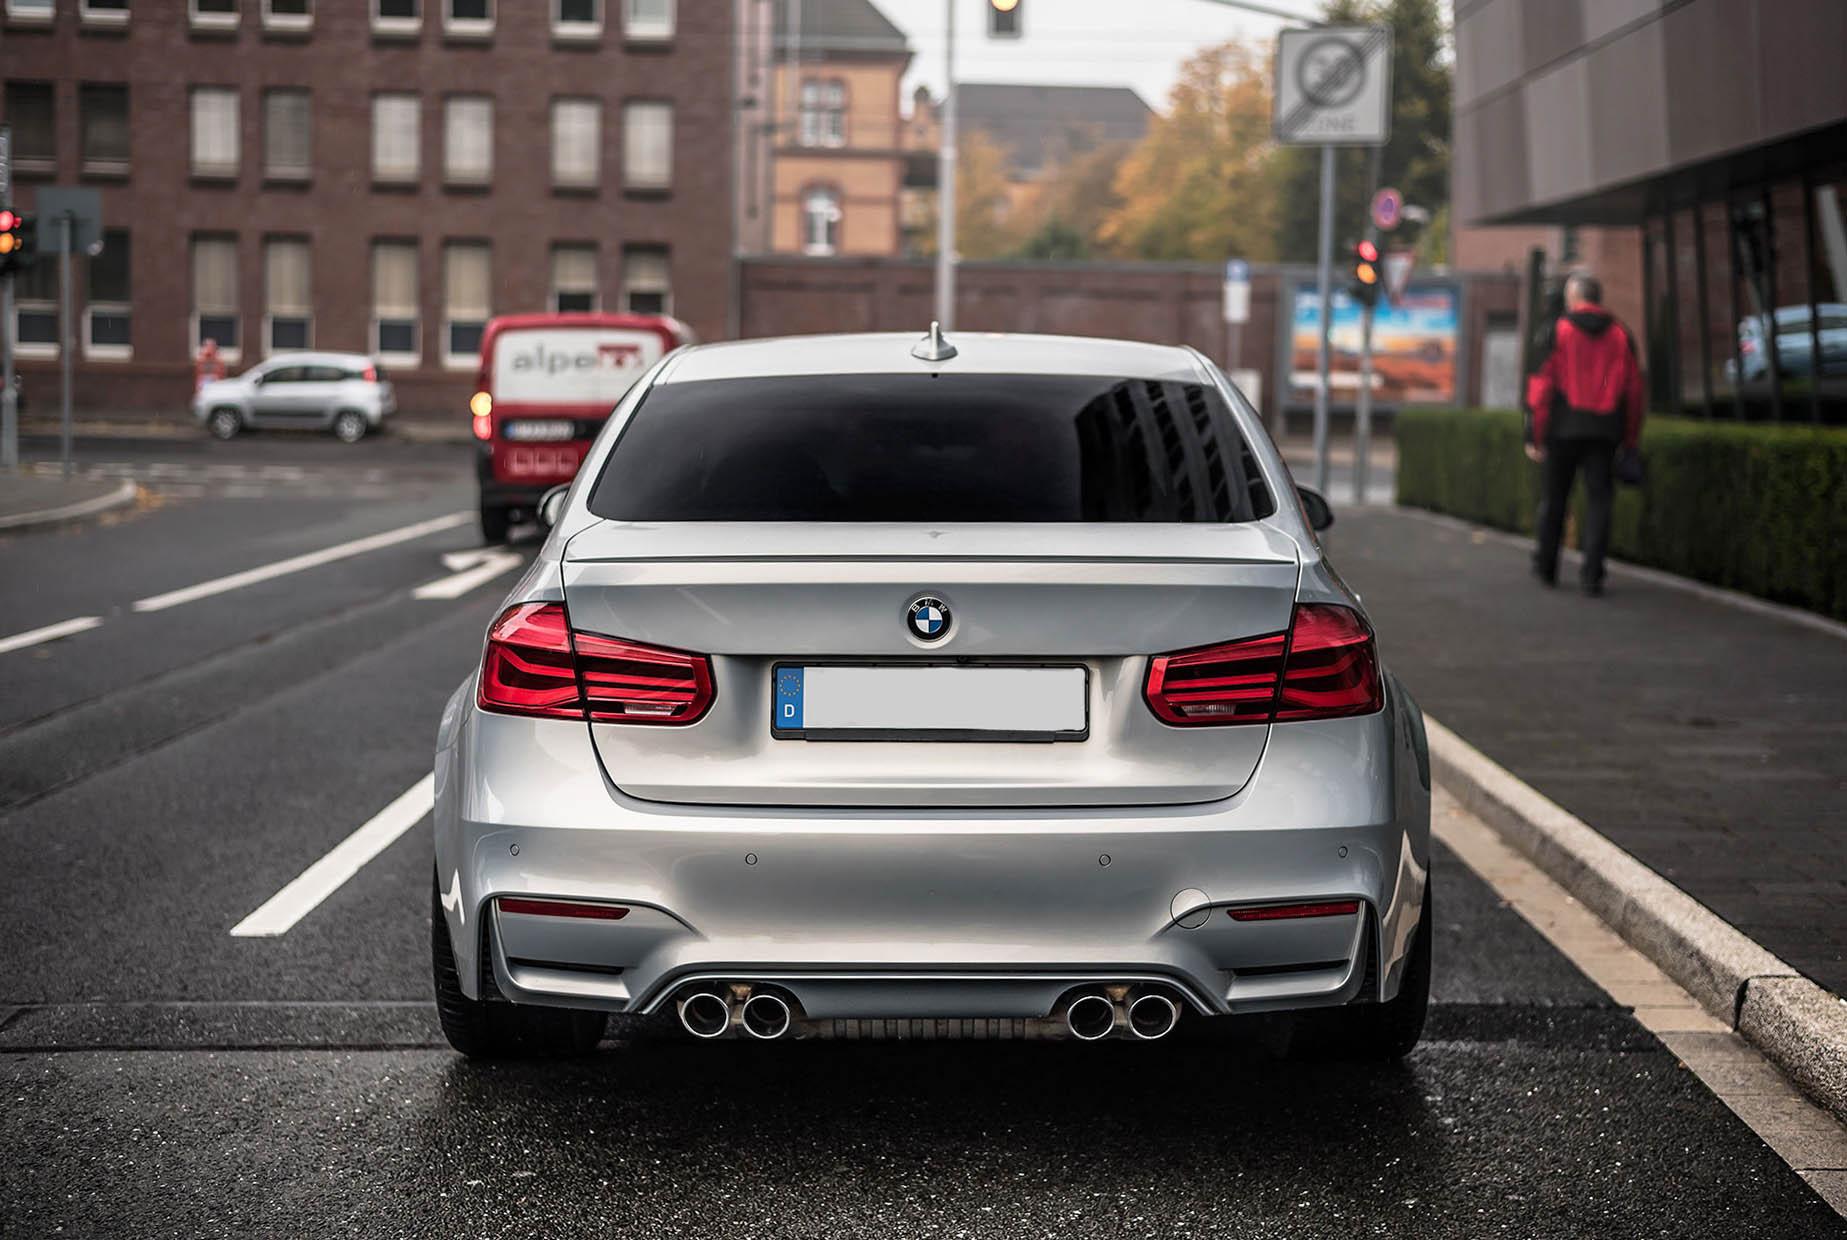 B&K_Sportwagen_Rheinland_GmbH_BMW_M3_Silber_6